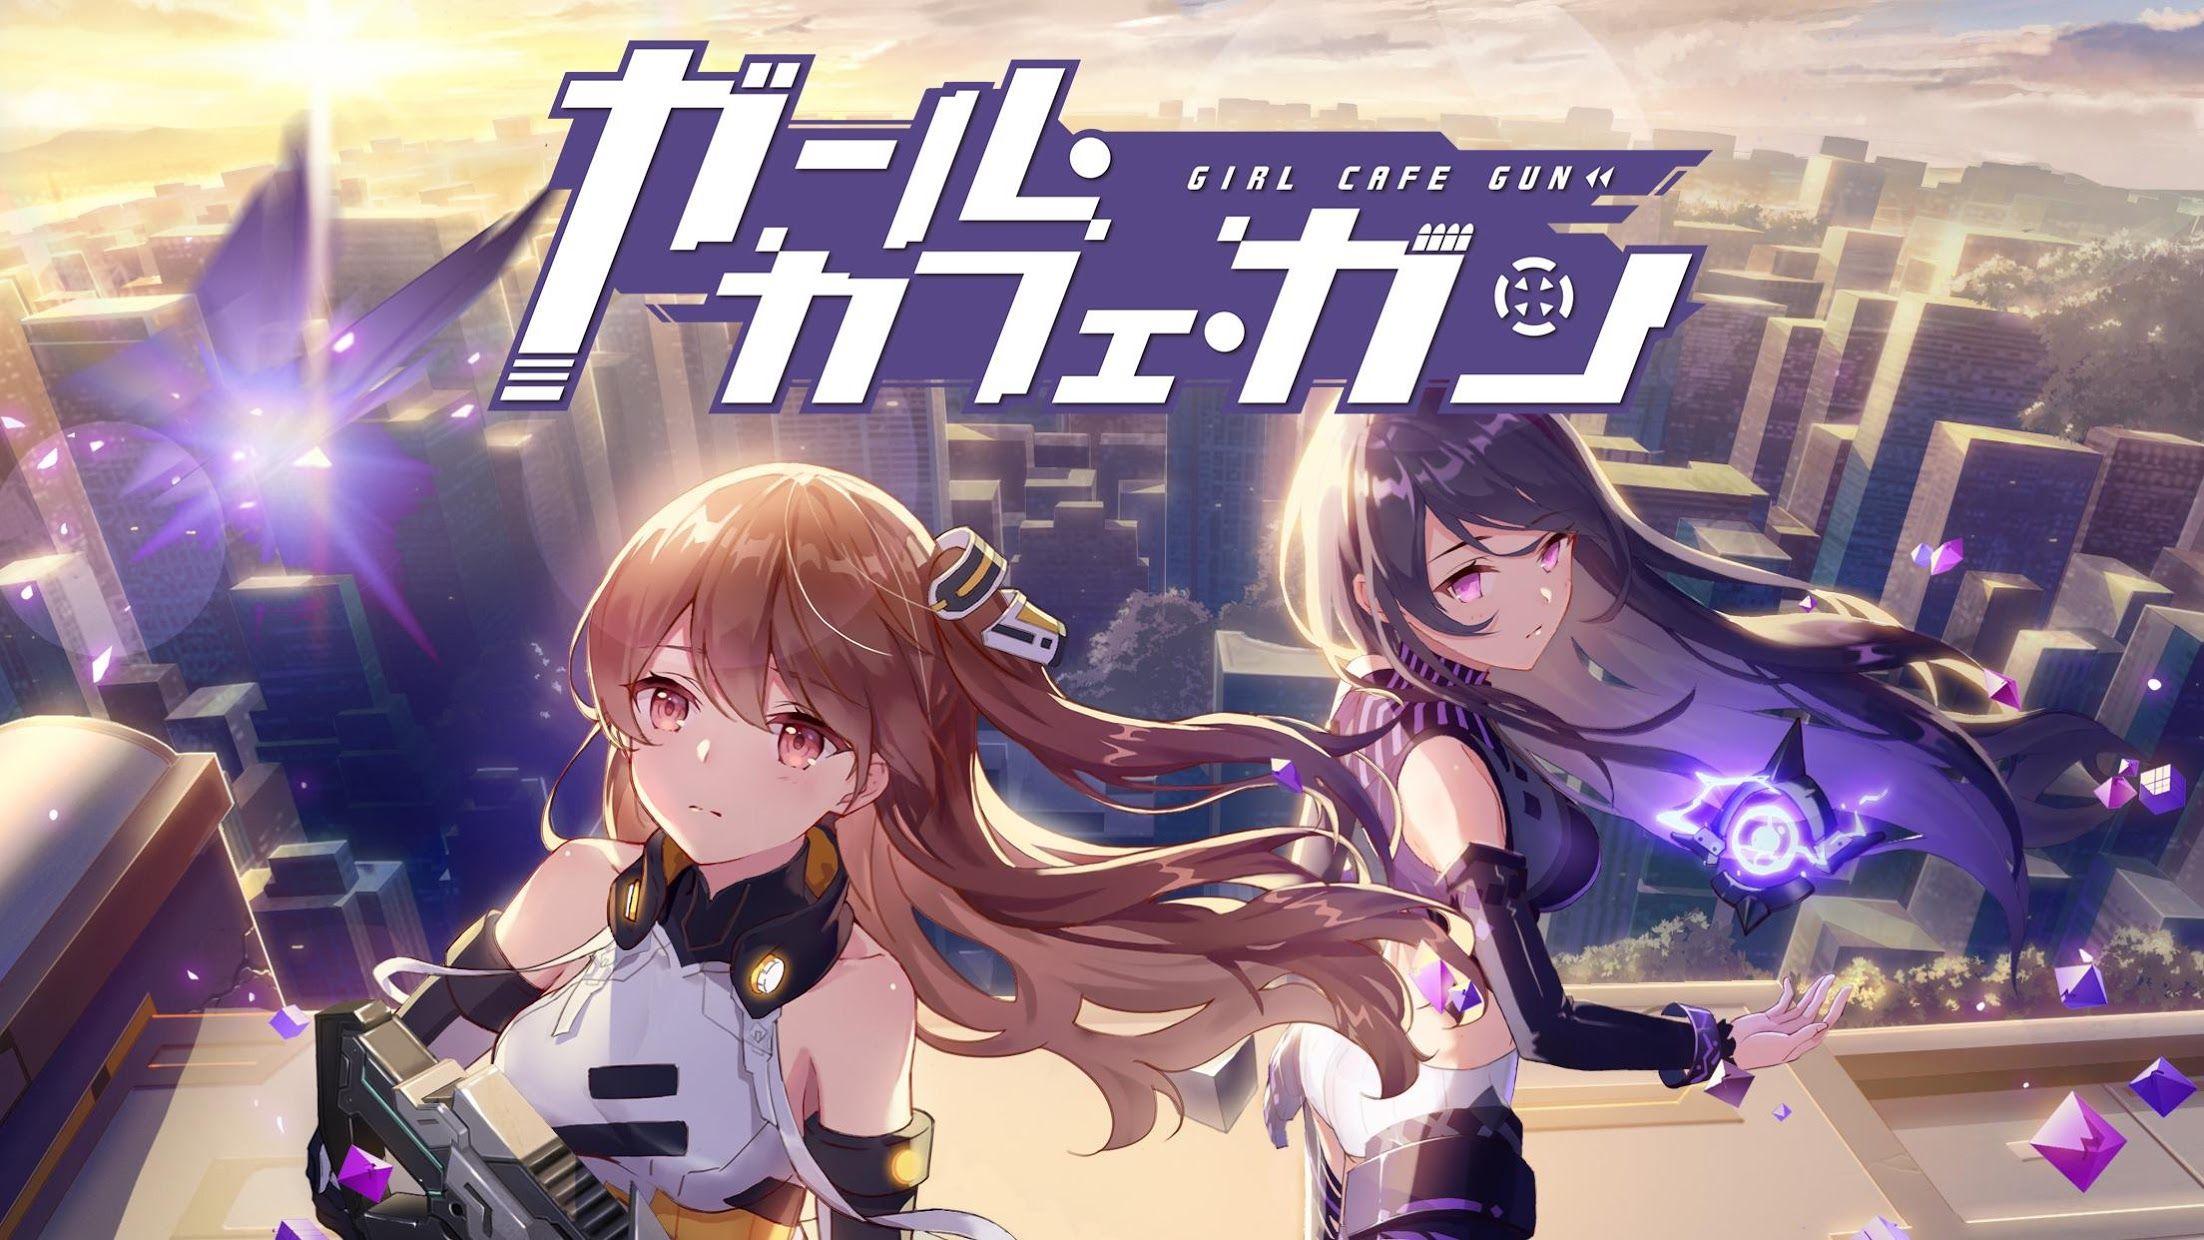 双生视界:少女咖啡枪(日服) 游戏截图1